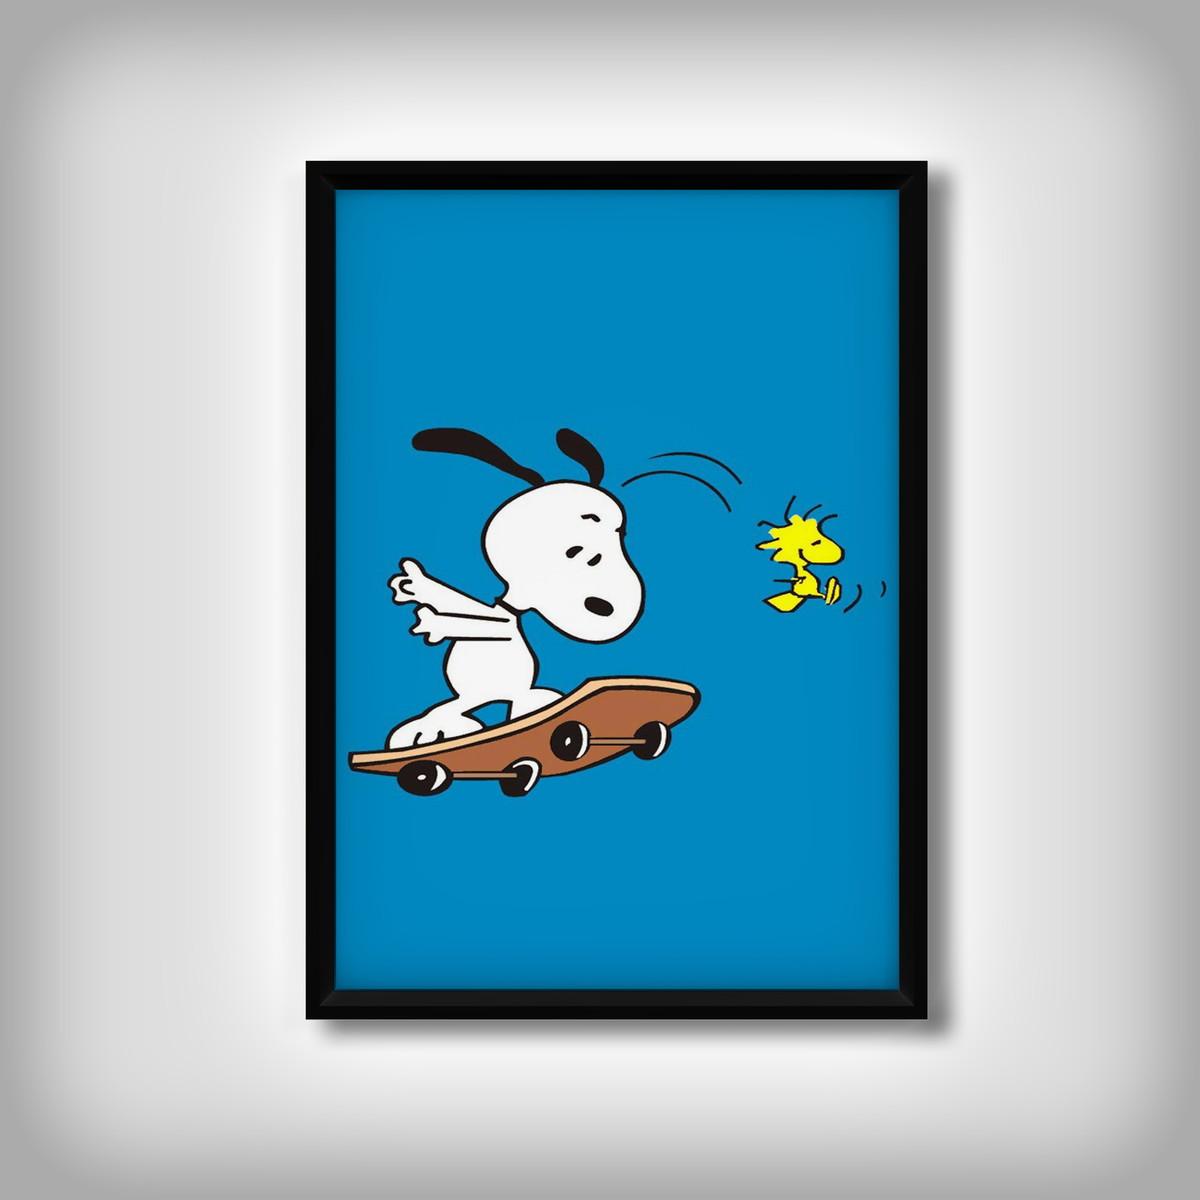 Quadro Snoopy Desenhos Animados